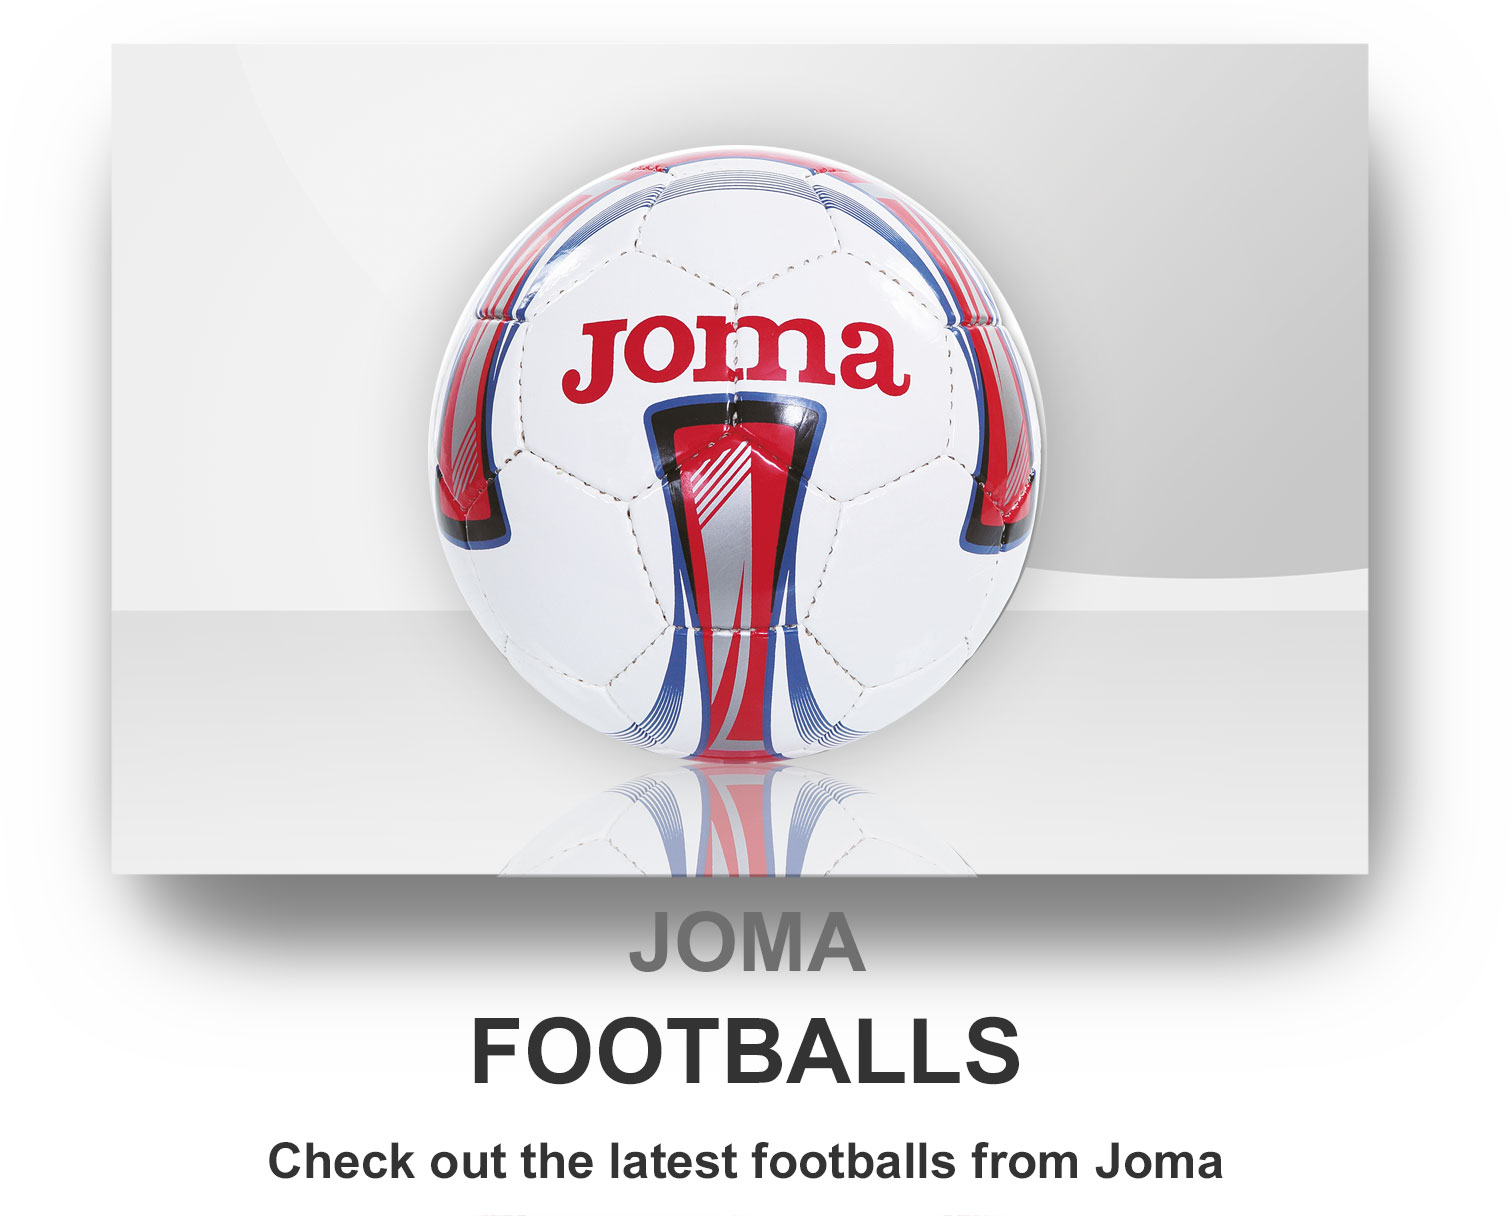 footballs-joma.jpg